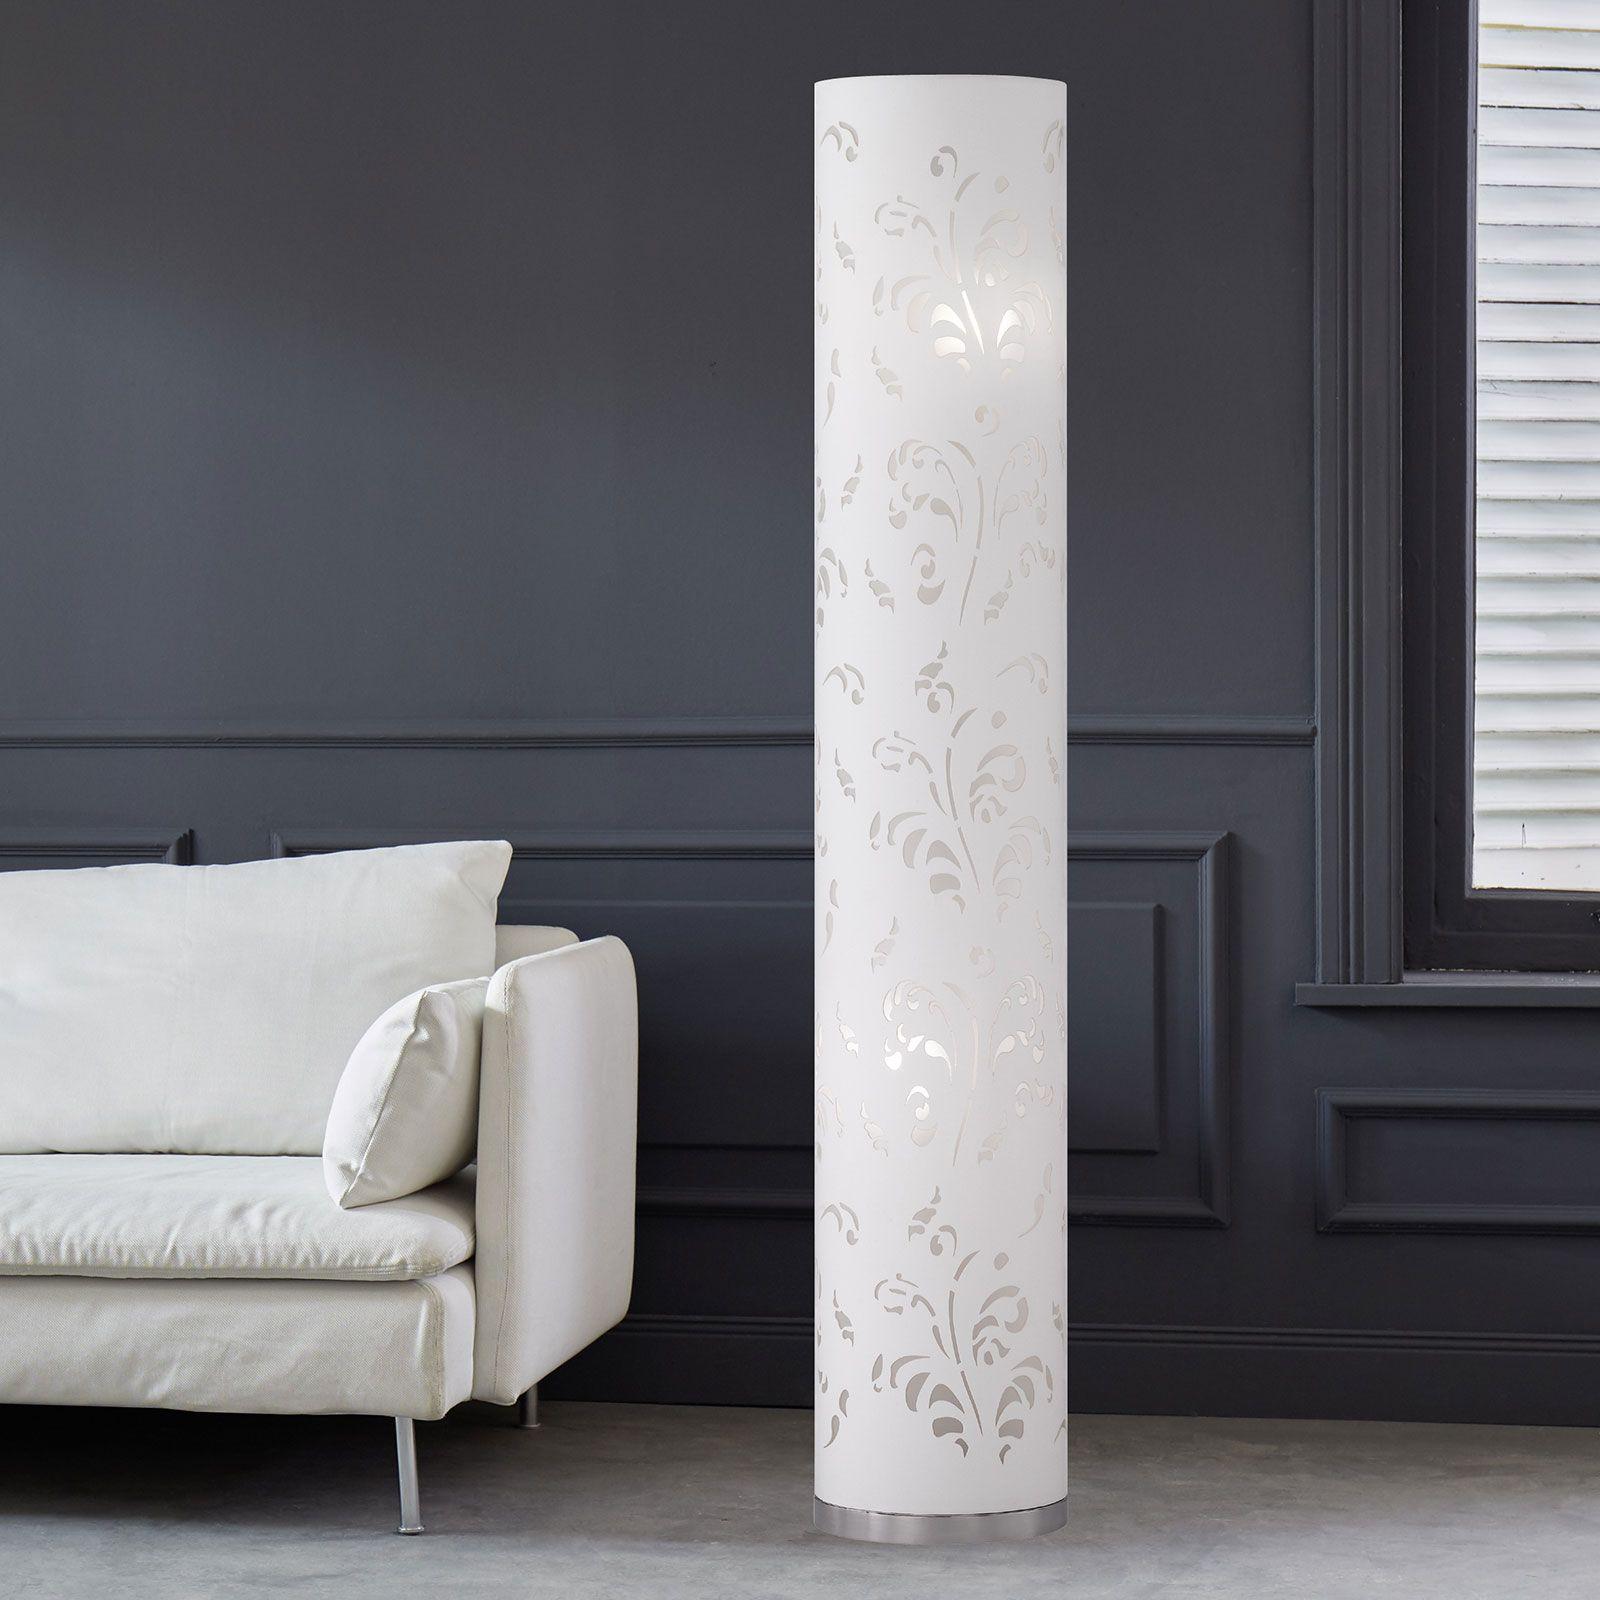 Smäcker golvlampa Flora skärm vit med dekor